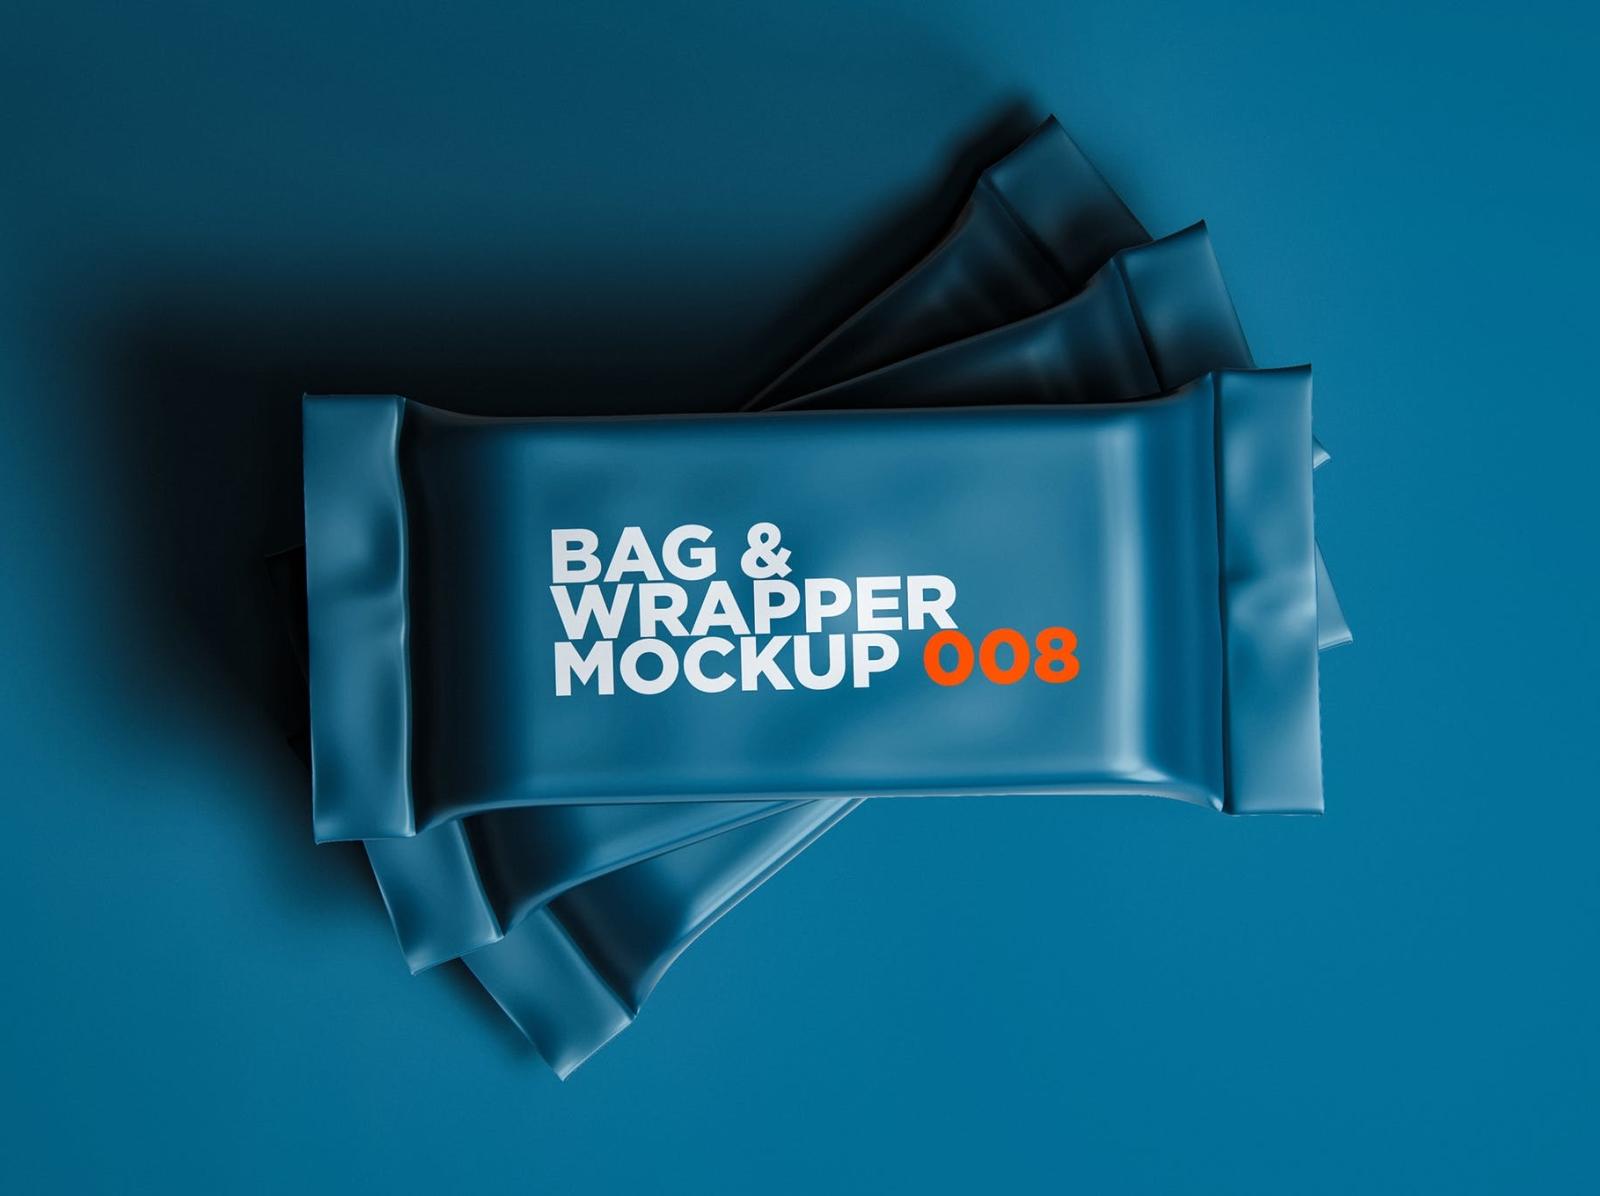 Bag & Wrapper Mockup packaging wrapper mockup wrapper bag mockup bag typography ux vector ui 3d logo illustration graphic design design branding